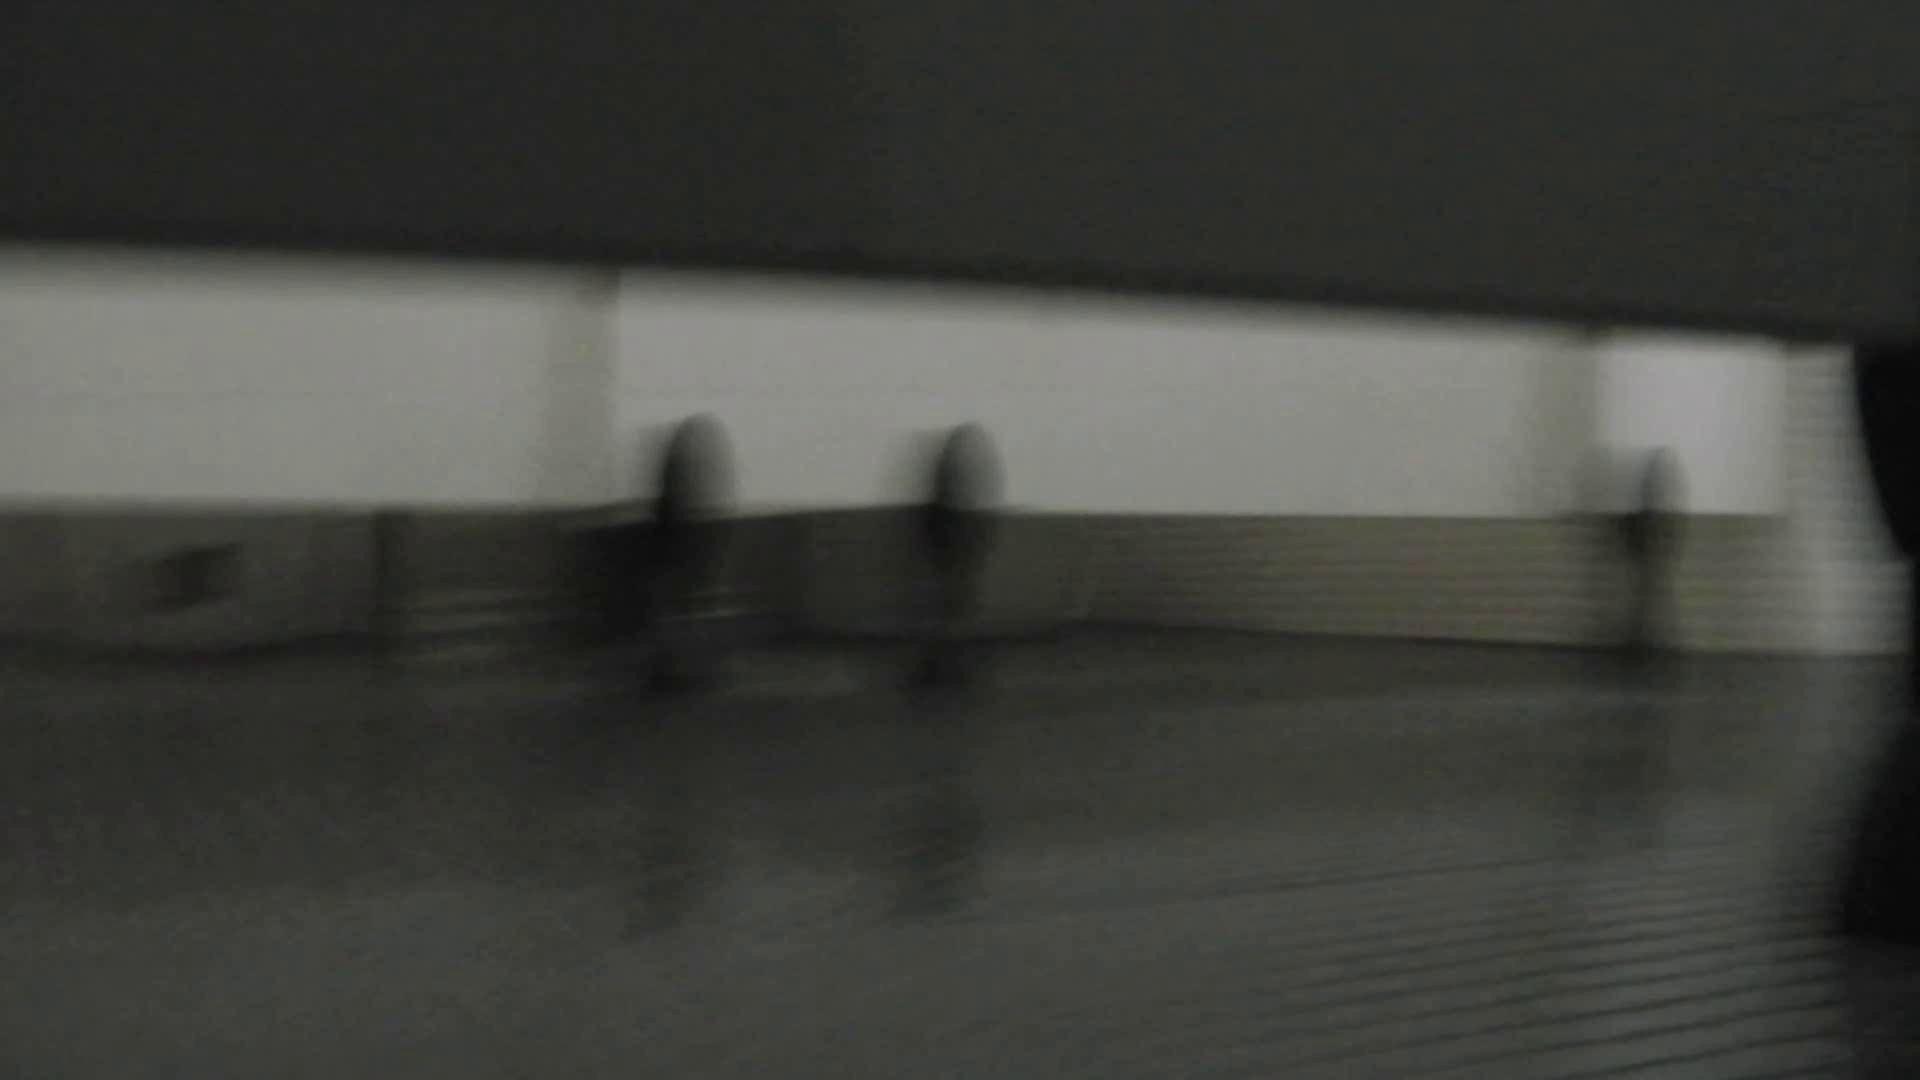 【日本成人用品展览会。超模如云】vol.01 着替|空爆 美しいOLの裸体 オメコ動画キャプチャ 103pic 5